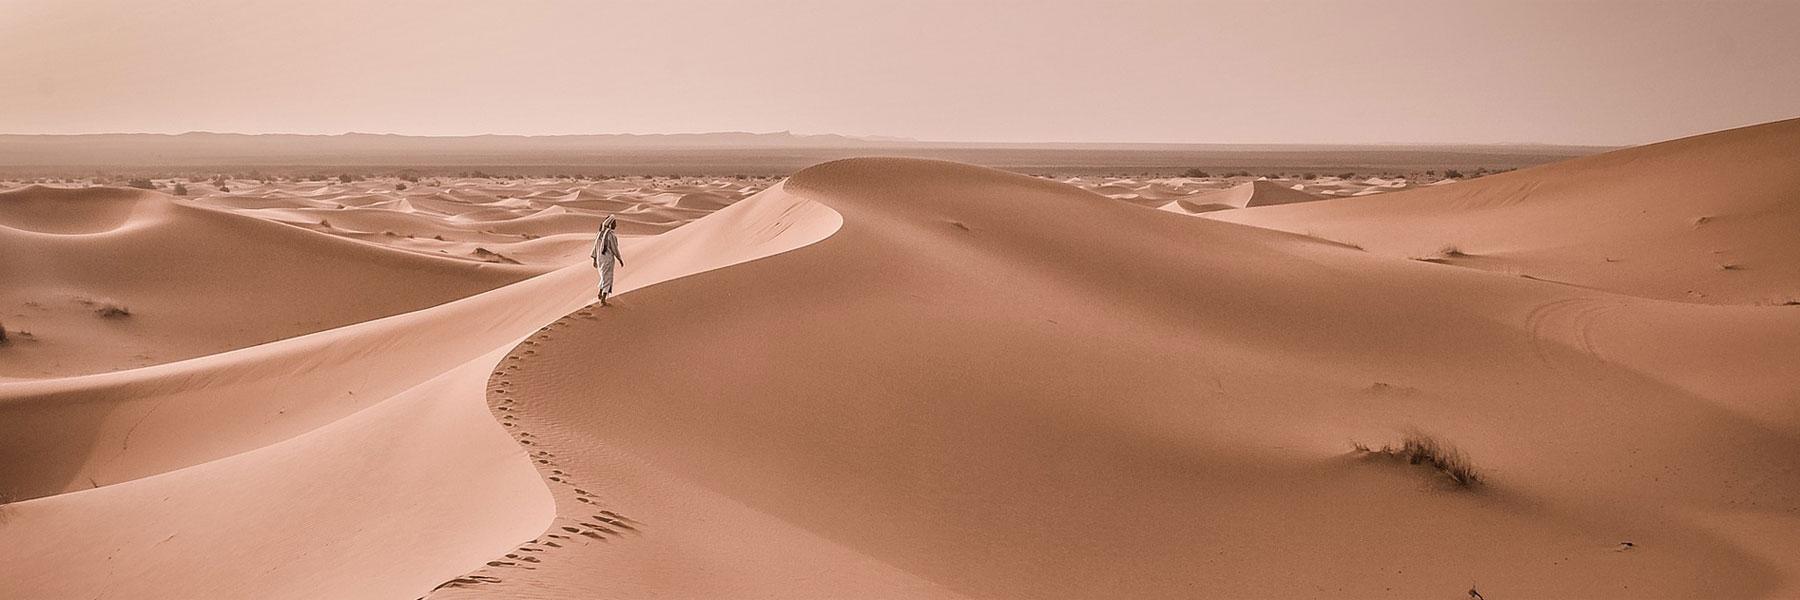 Marcheurs dans le désert Marocain